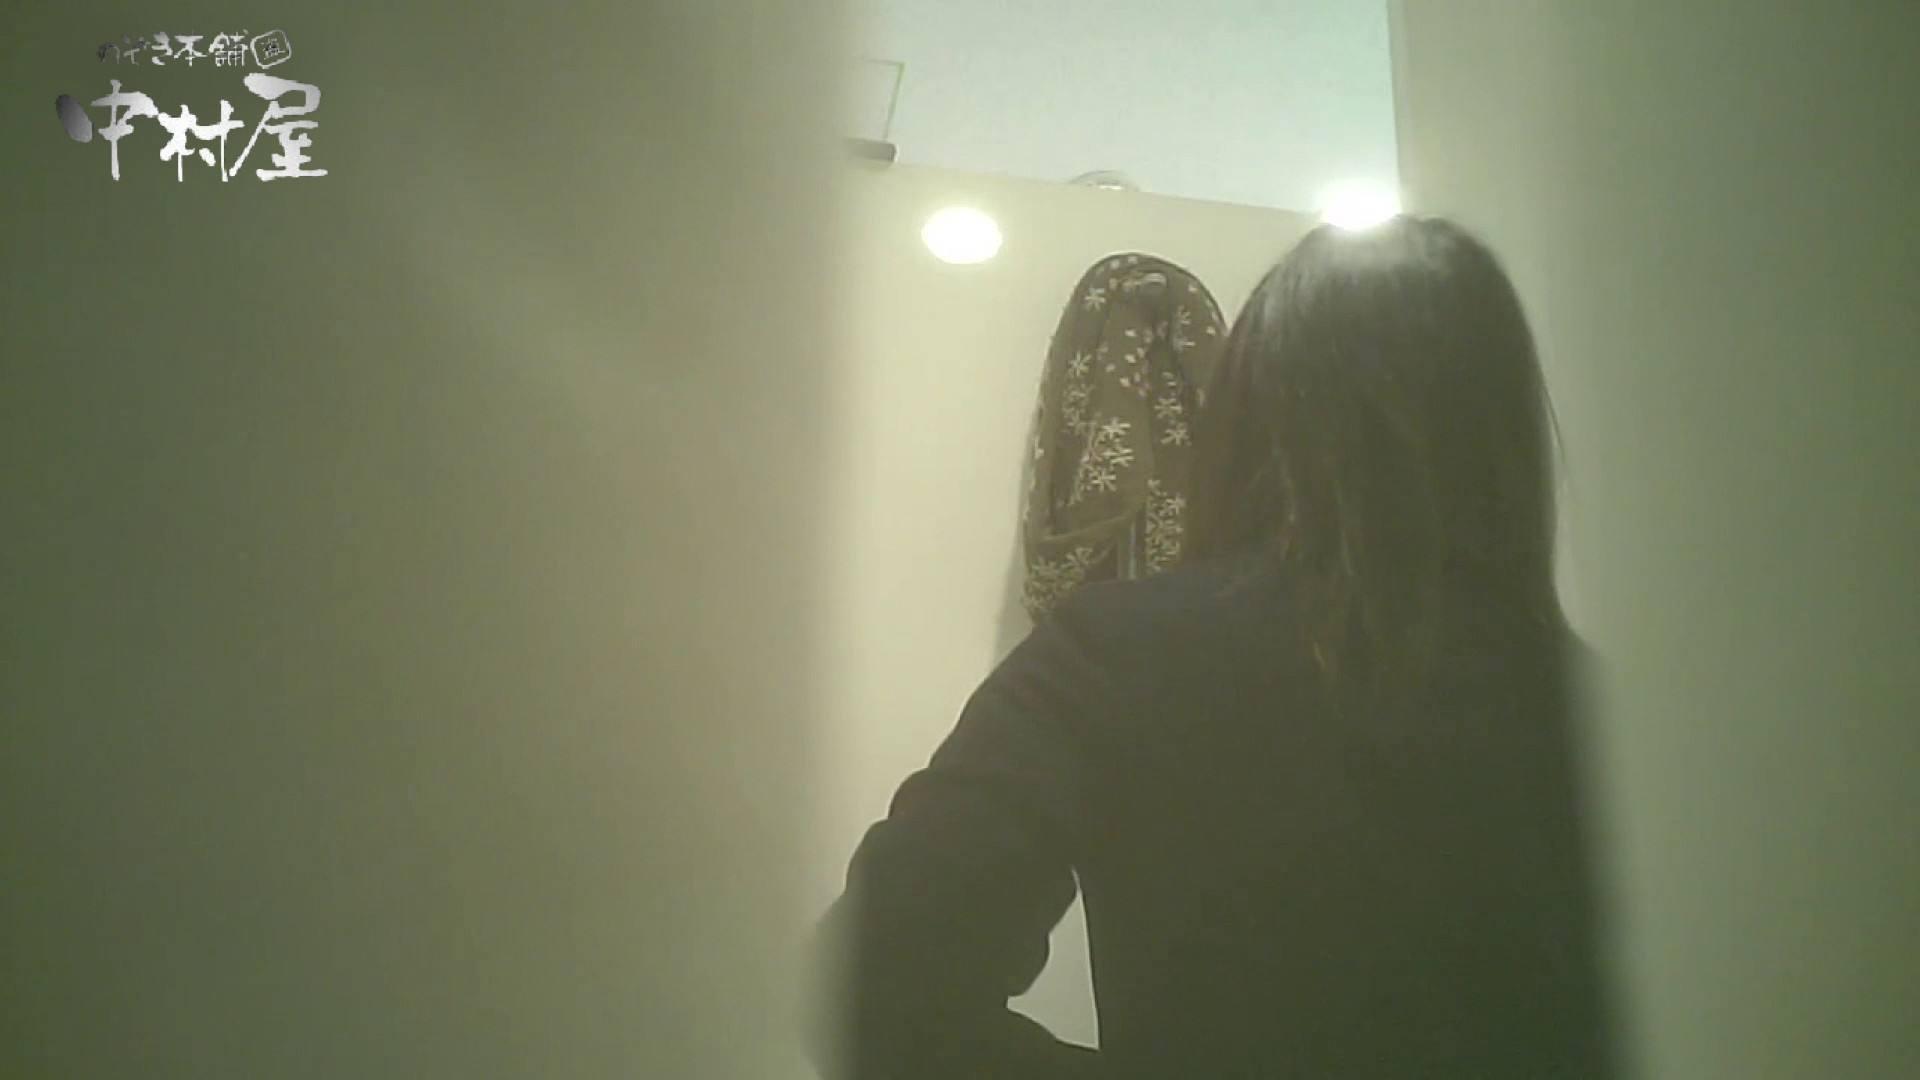 有名大学女性洗面所 vol.54 設置撮影最高峰!! 3視点でじっくり観察 潜入 AV無料 99連発 3